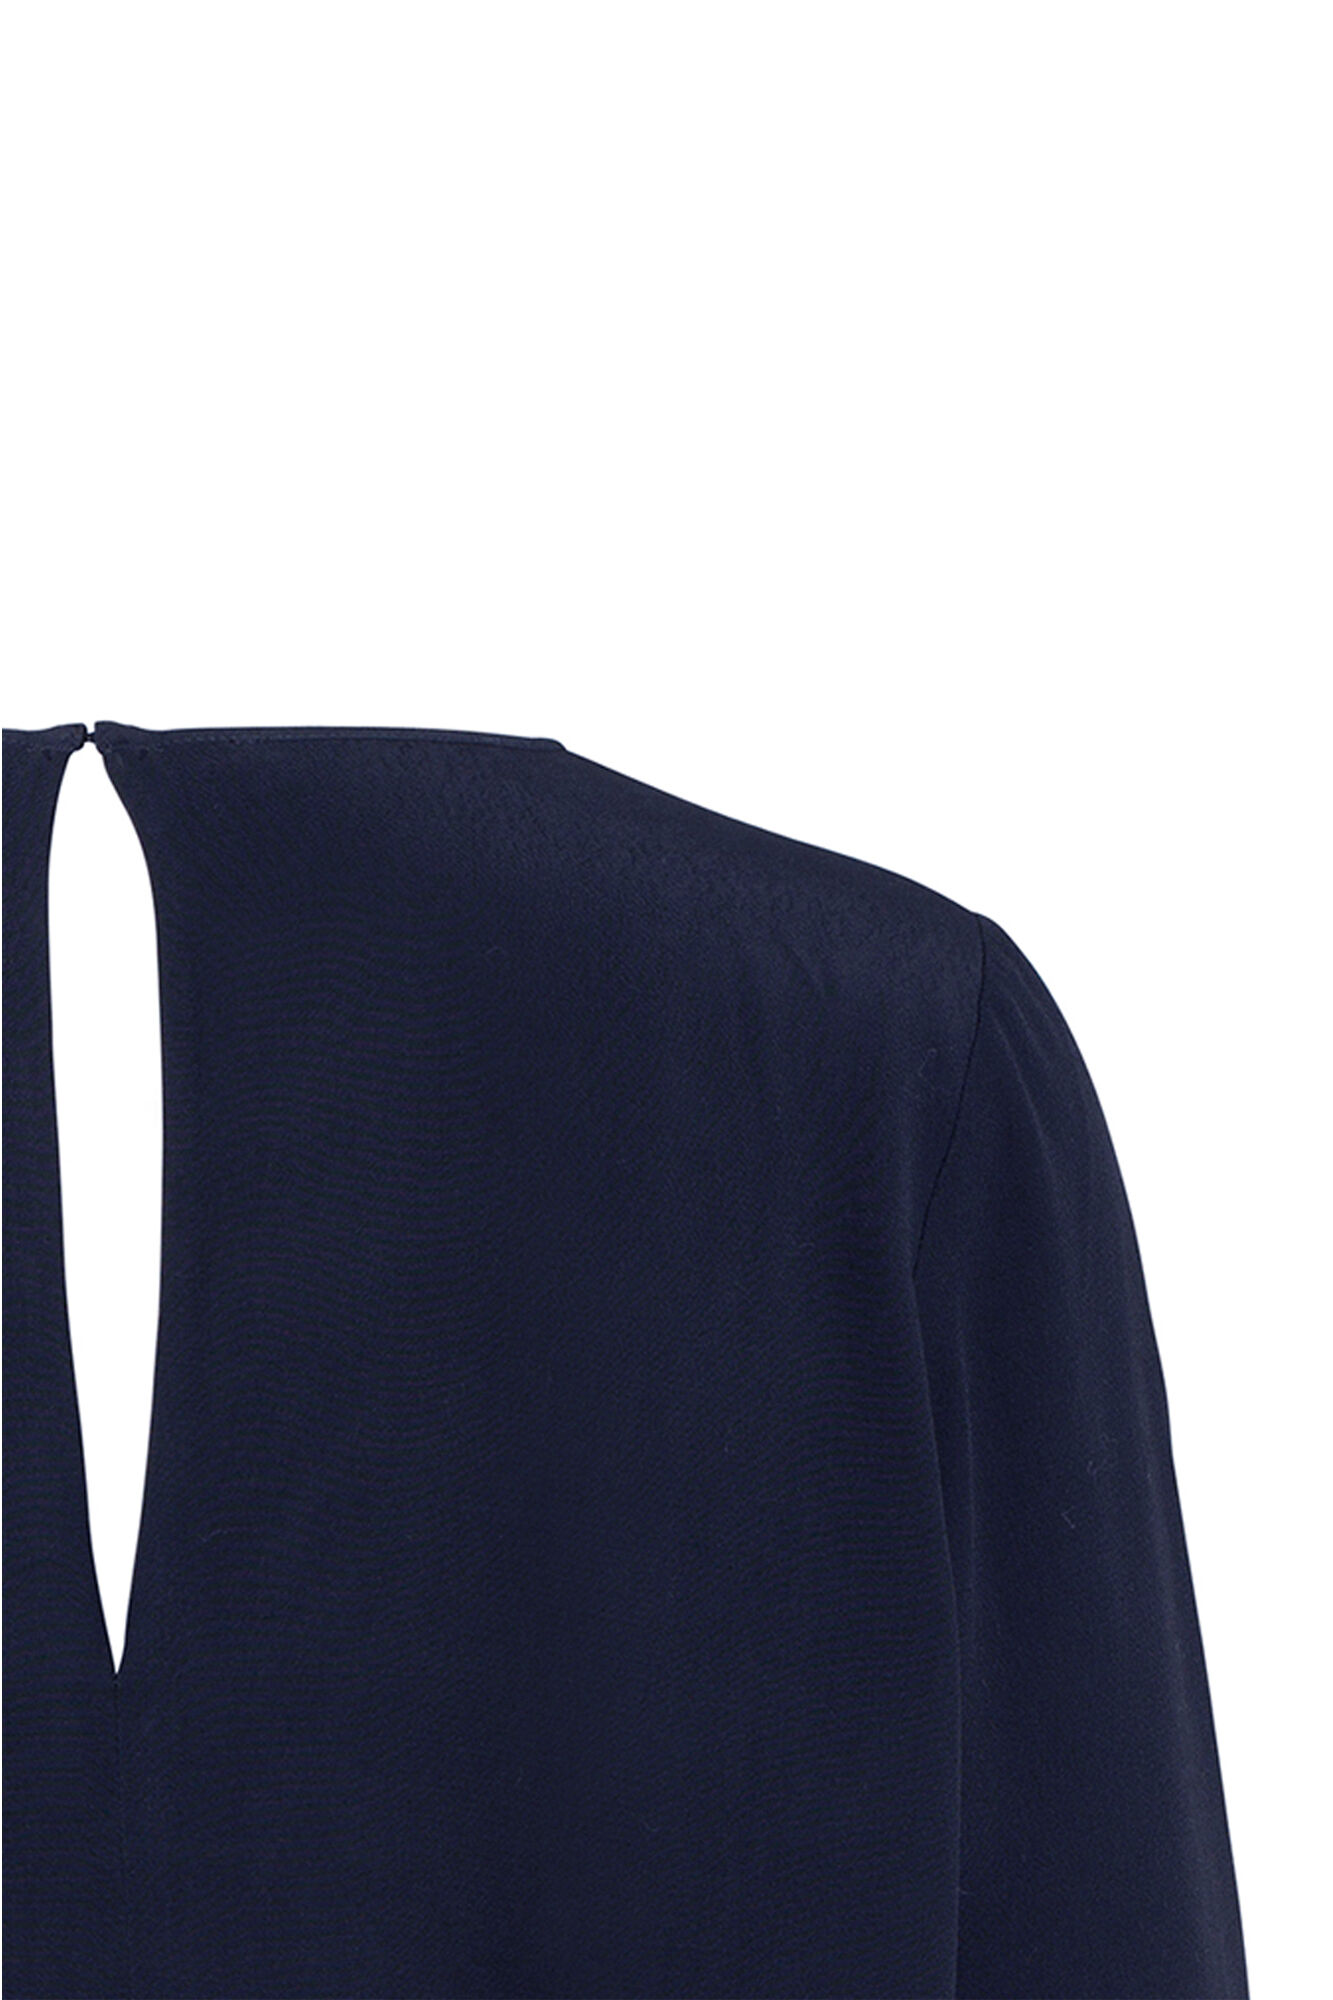 Theta blouse 5687